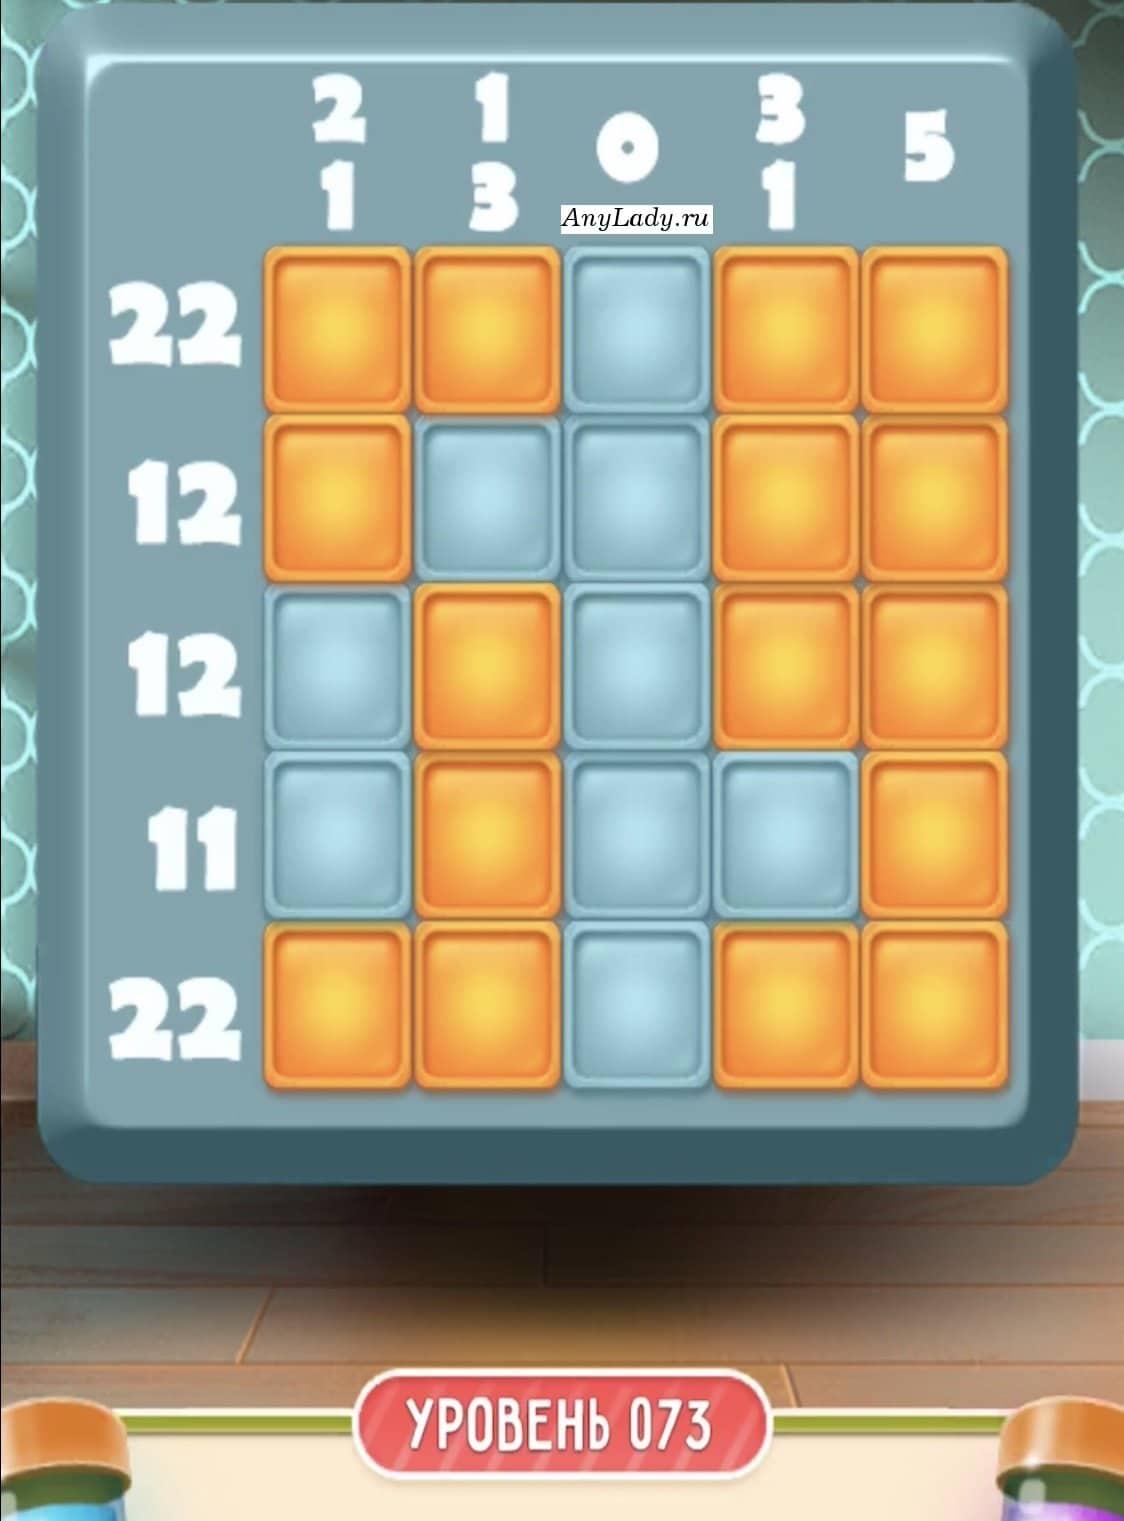 Перед Вами пять вертикальных линий, зажигайте поочередно клетки и уровень будет открыт.   Первая линия: засветите клетки под номерами двадцать два.  Вторая строчка:  Зажигайте обе клетки под номерами двадцать два; обе клетки под двенадцатым номером и одну под одиннадцатым.  Третья линия:  Ничего делать не нужно.  Четвертая строчка:  Обе клетки под номерами 22 и обе под 12 номером.  Пятая последняя:   Отметьте полностью все клетки.